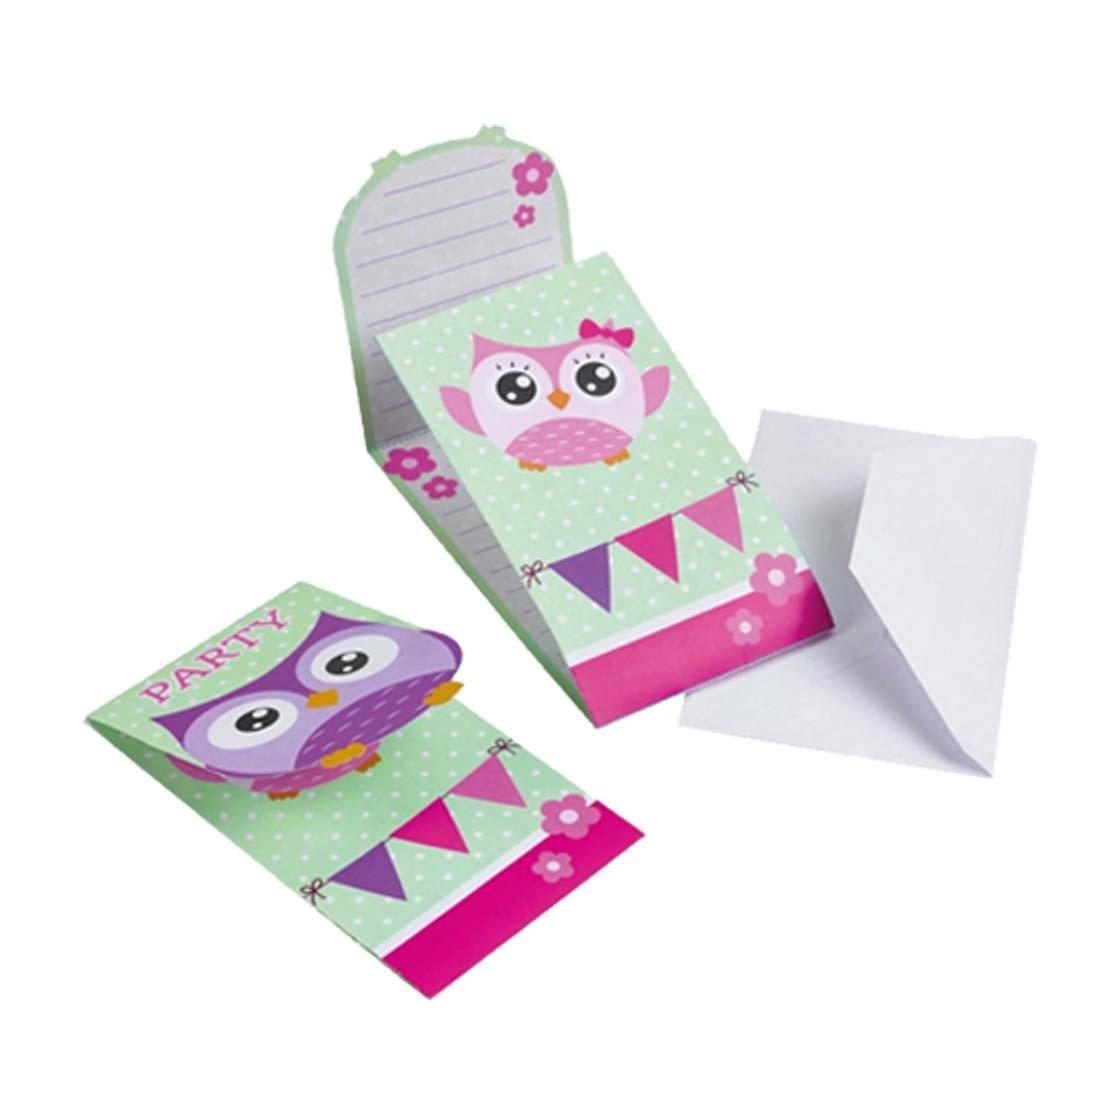 8 tarjetas de invitación con sobres niñas búho Convites fiesta temática infantil lechuza Pack de invitación Pack de invitación cumpleaños niña Notificación de fiesta de cumple chicas pequeñas: Amazon.es: Juguetes y juegos